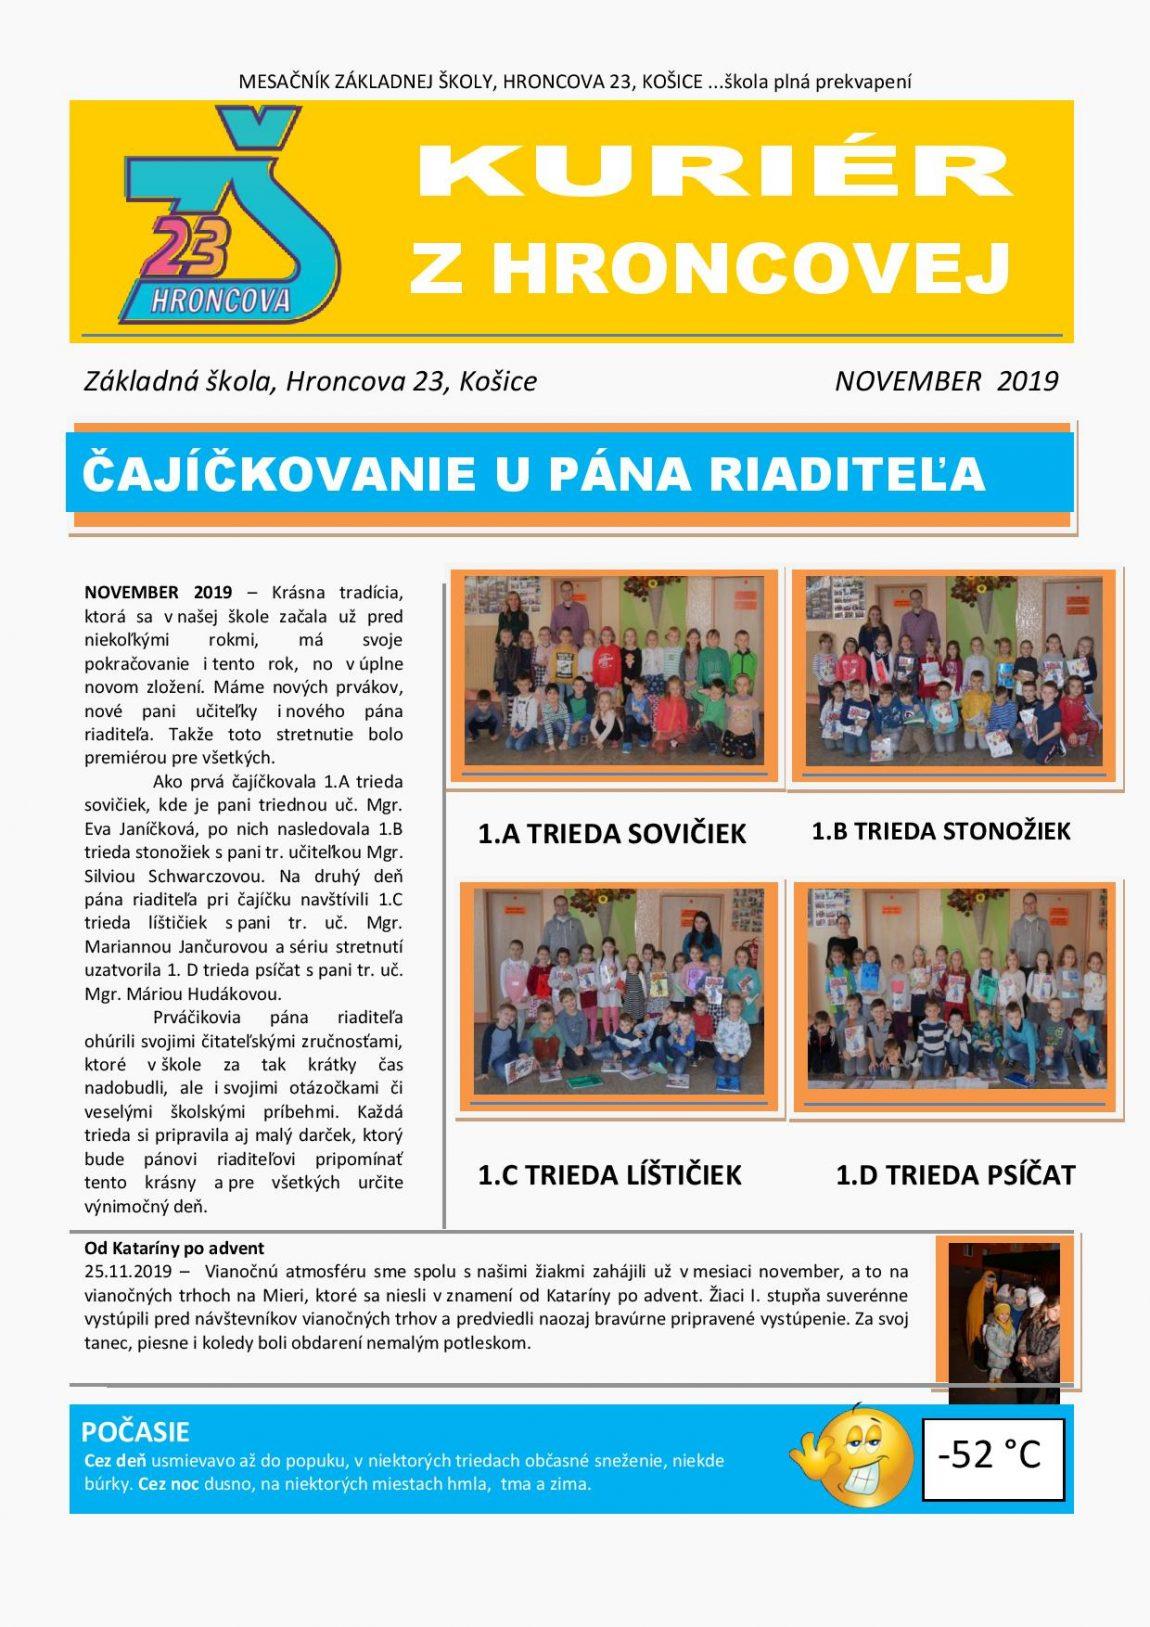 Kuriér z Hroncovej – NOVEMBER 2019